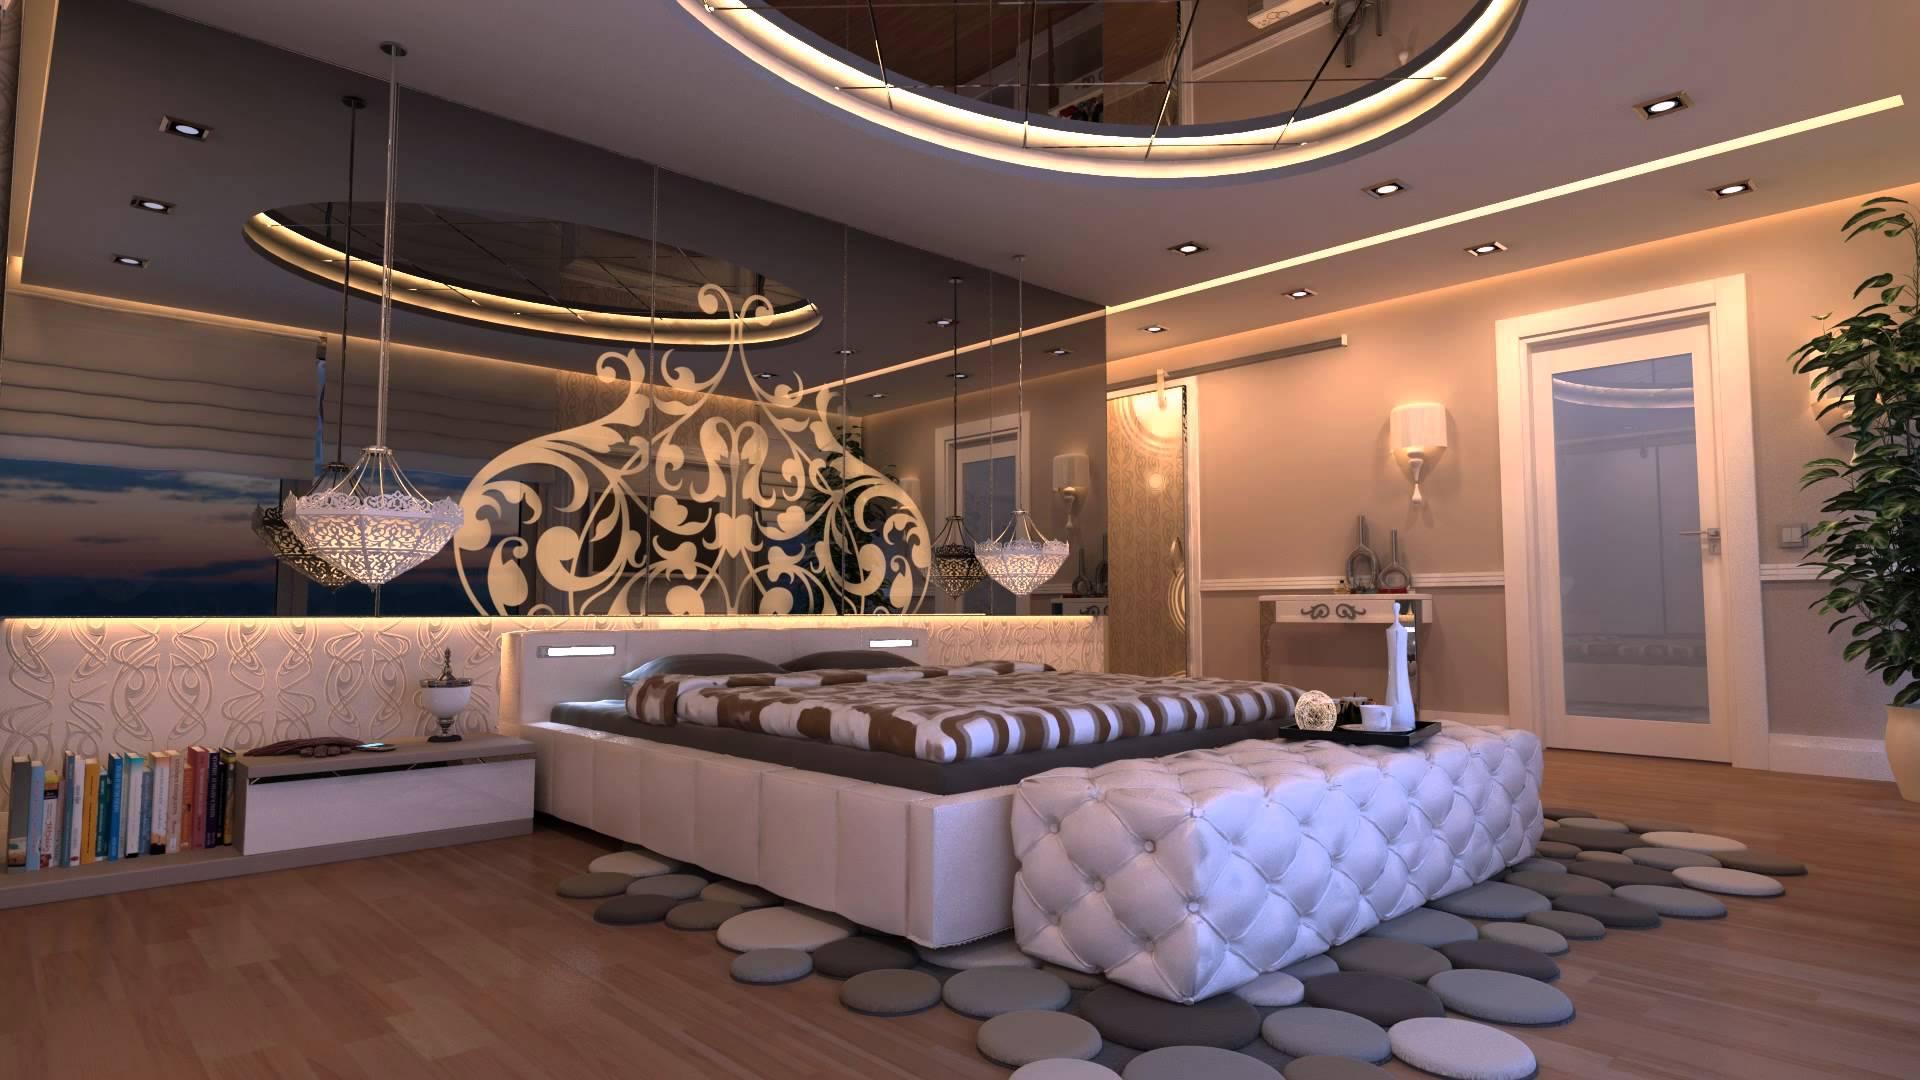 بالصور غرف نوم عرسان , اروع غرف نوم لمنزلك 5189 1